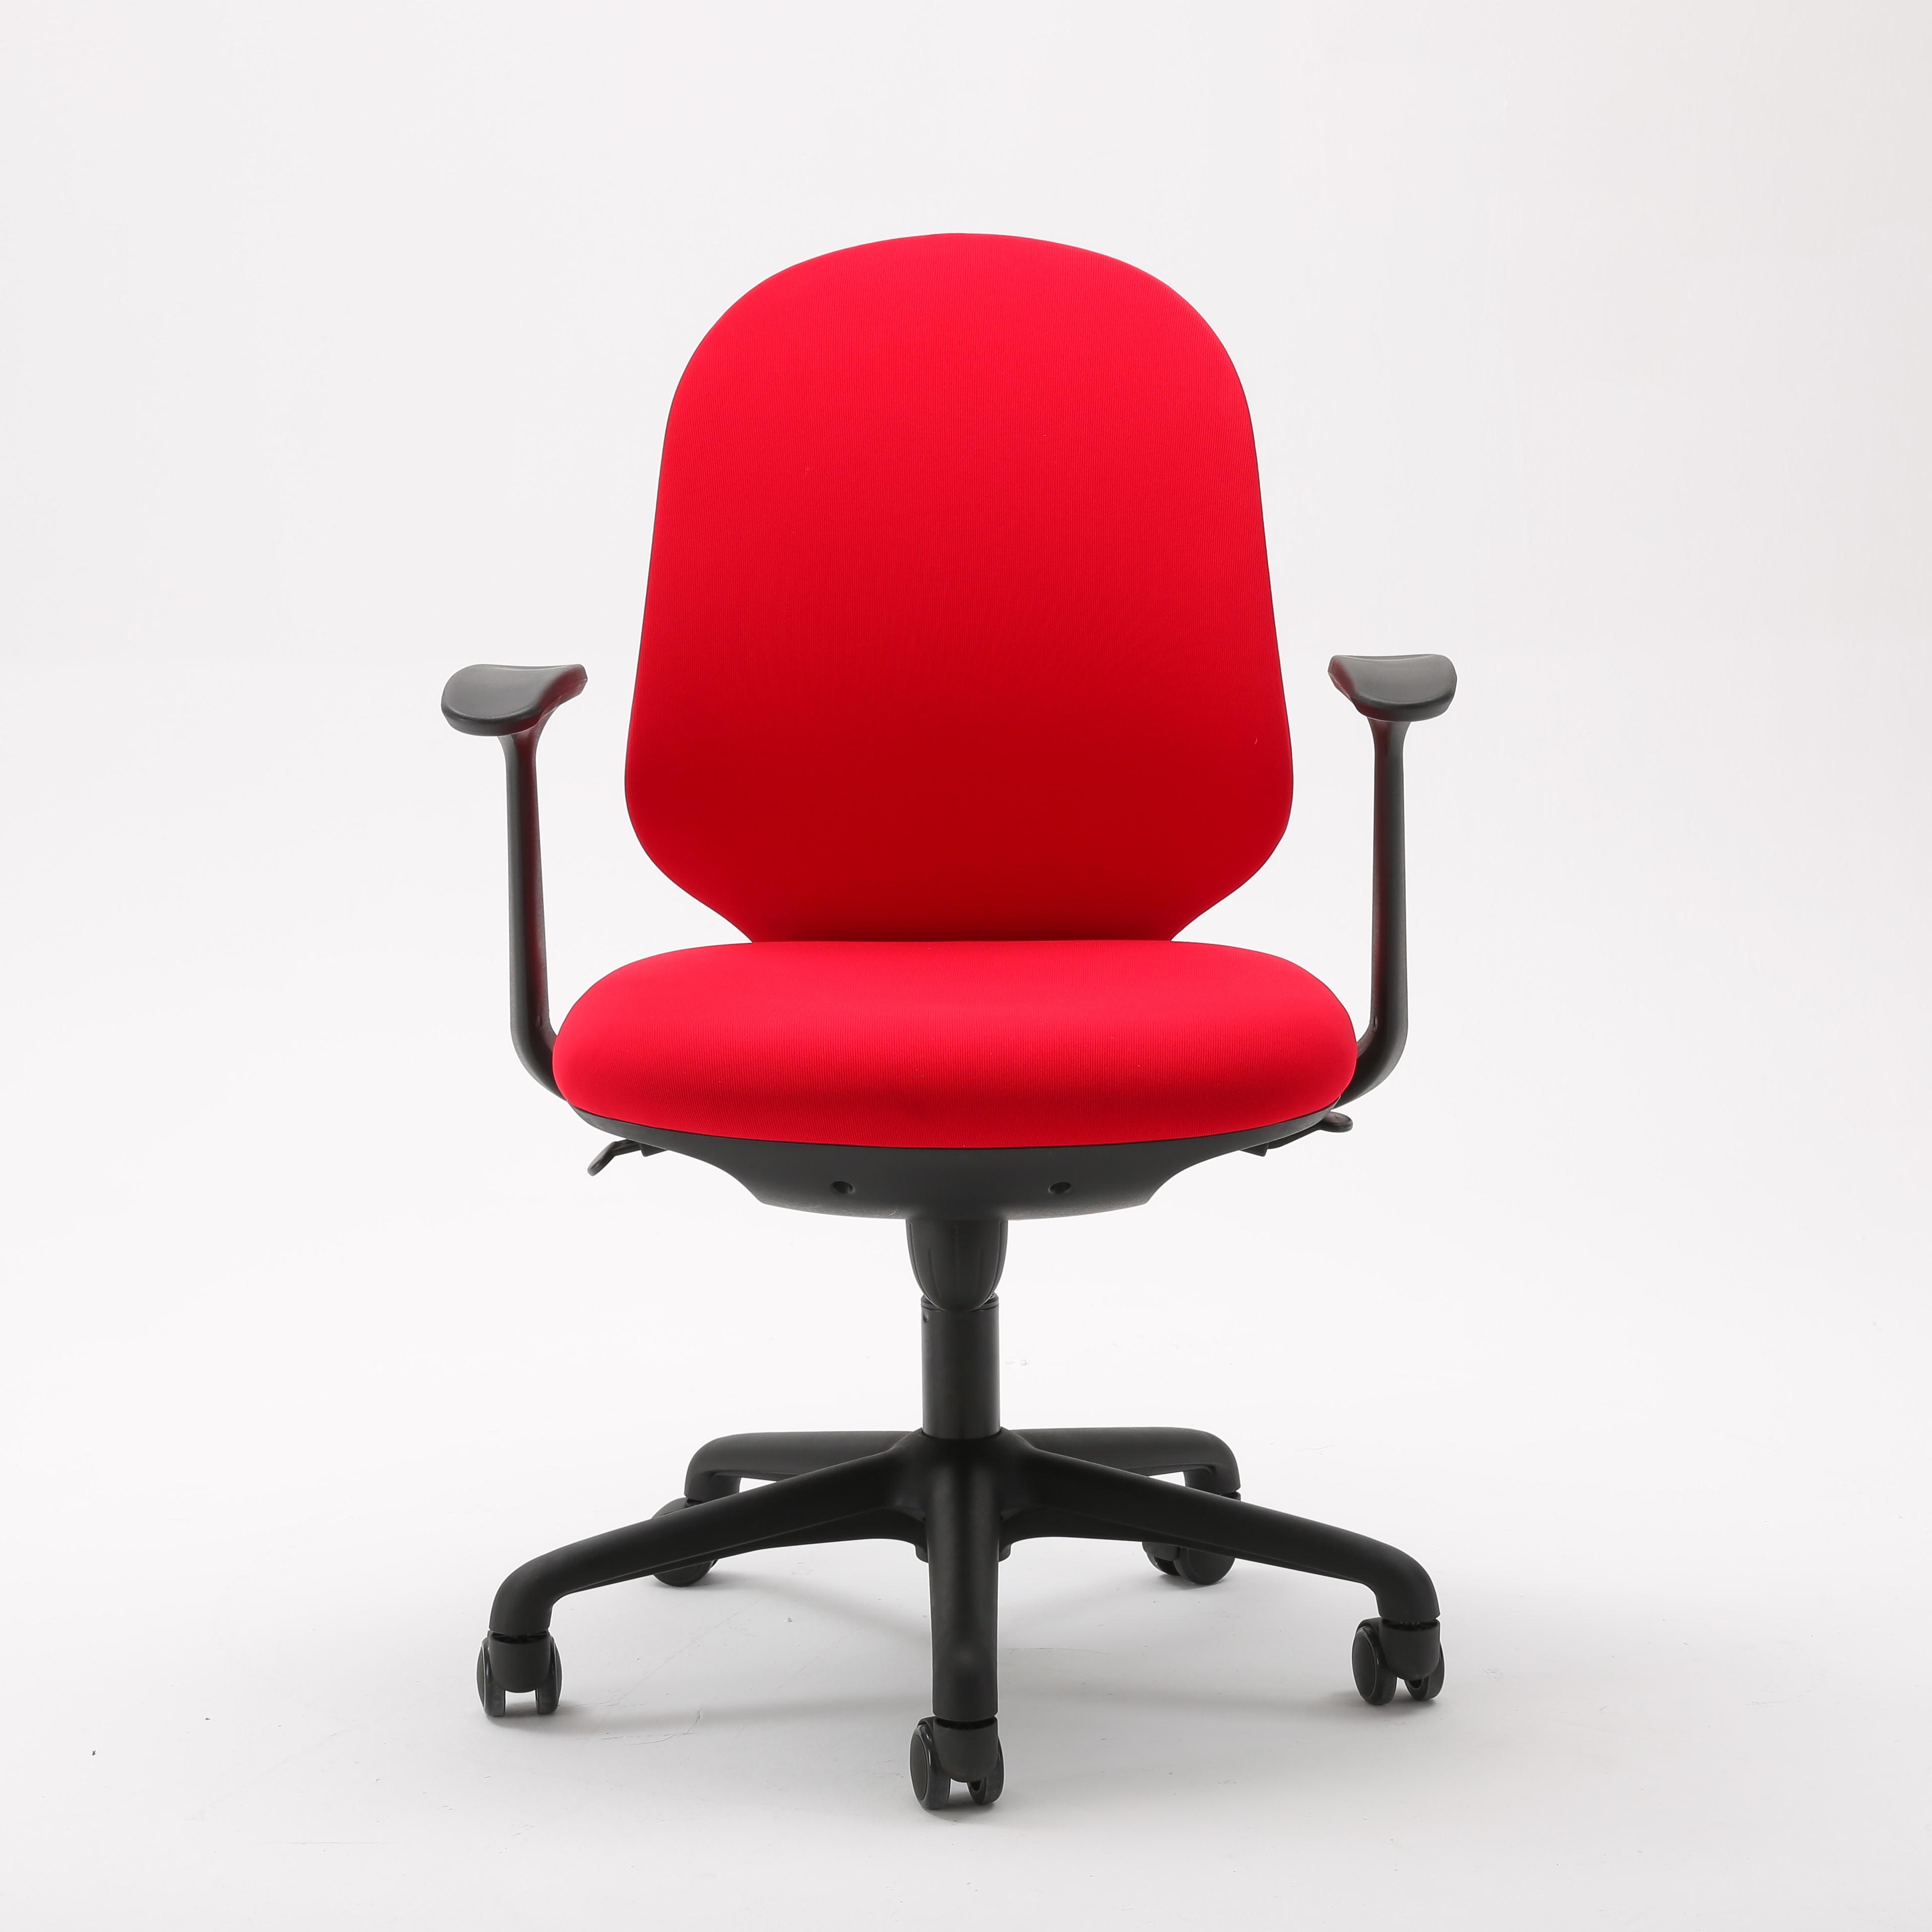 Venta al por mayor sillas de oficina infantiles-Compre ...